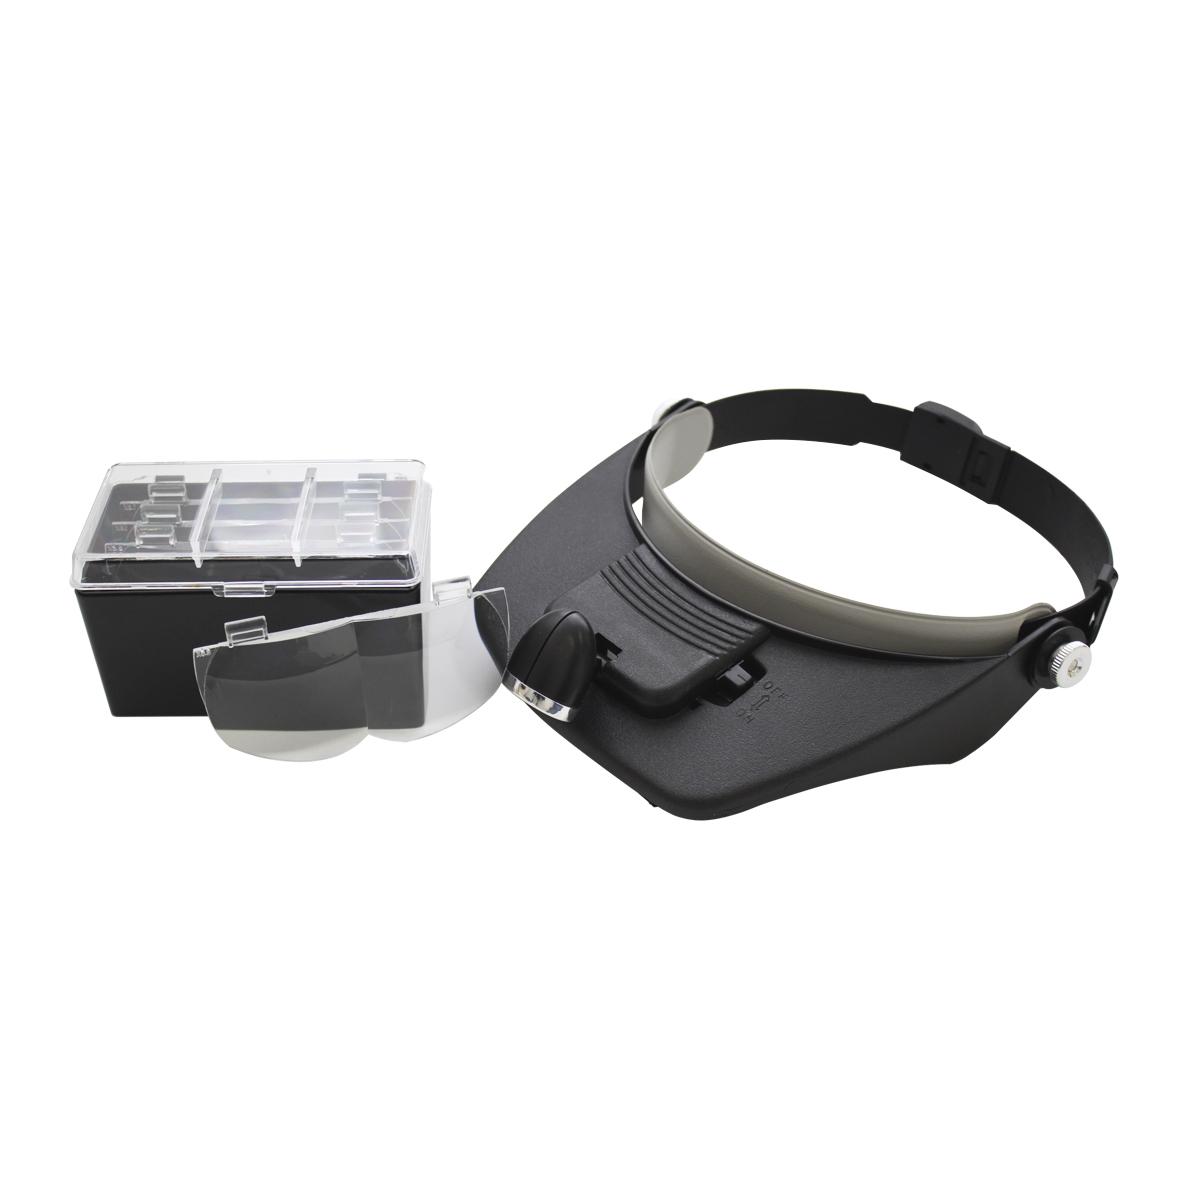 Лупа Bestex с креплением на голову и подсветкой. MG81001-A лупа bestex с креплением на голову и подсветкой mg81001 a